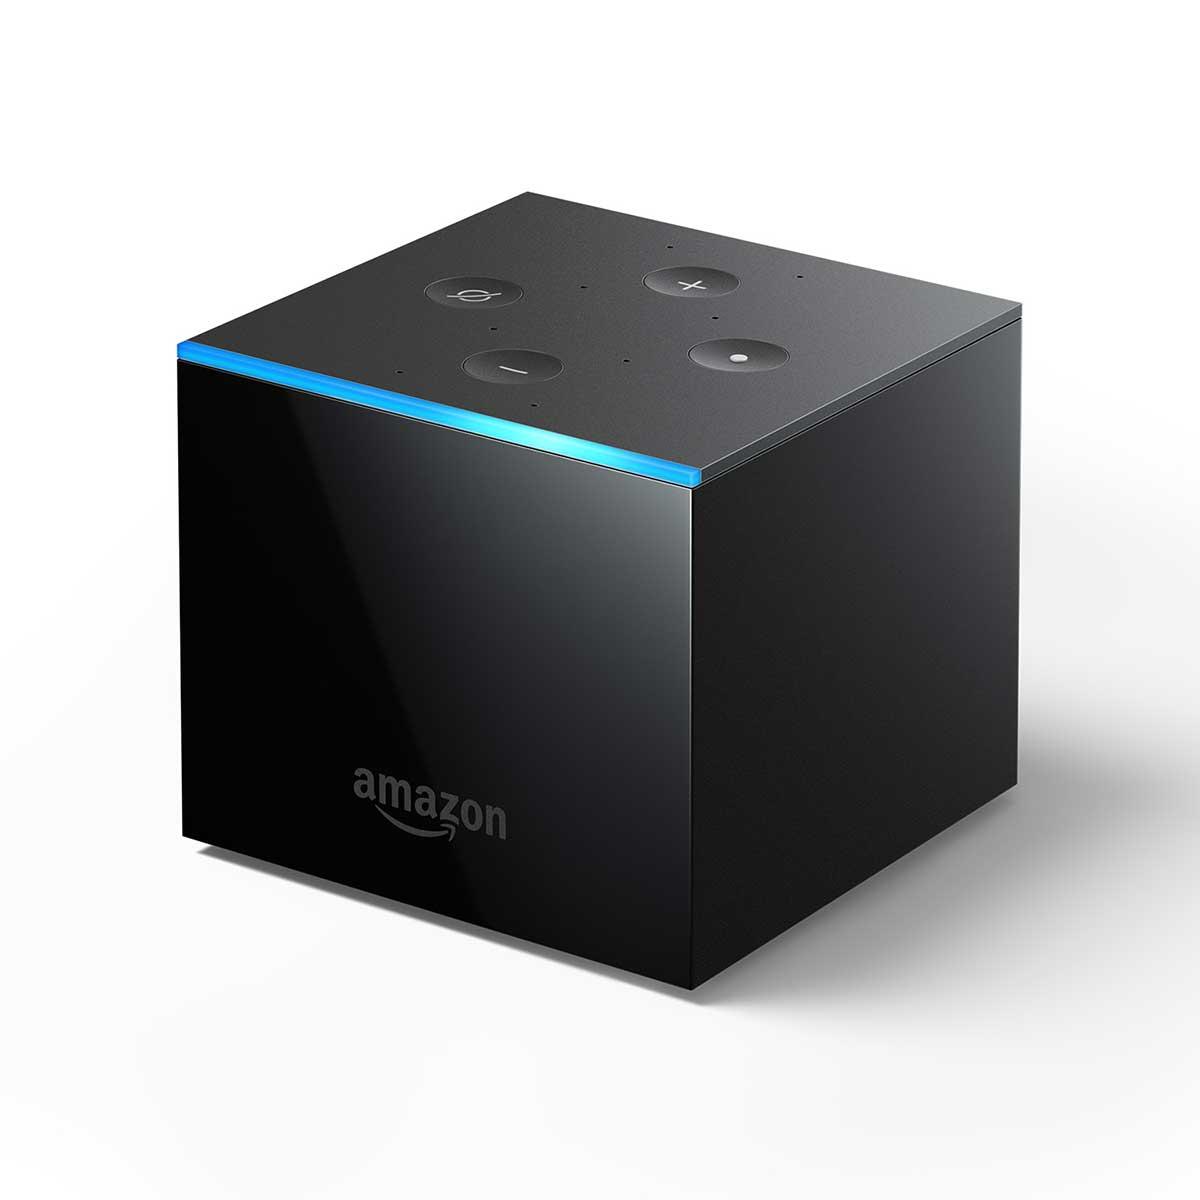 【今週発売の注目製品】Amazonから、音声操作に対応した「Fire TV Cube」が登場